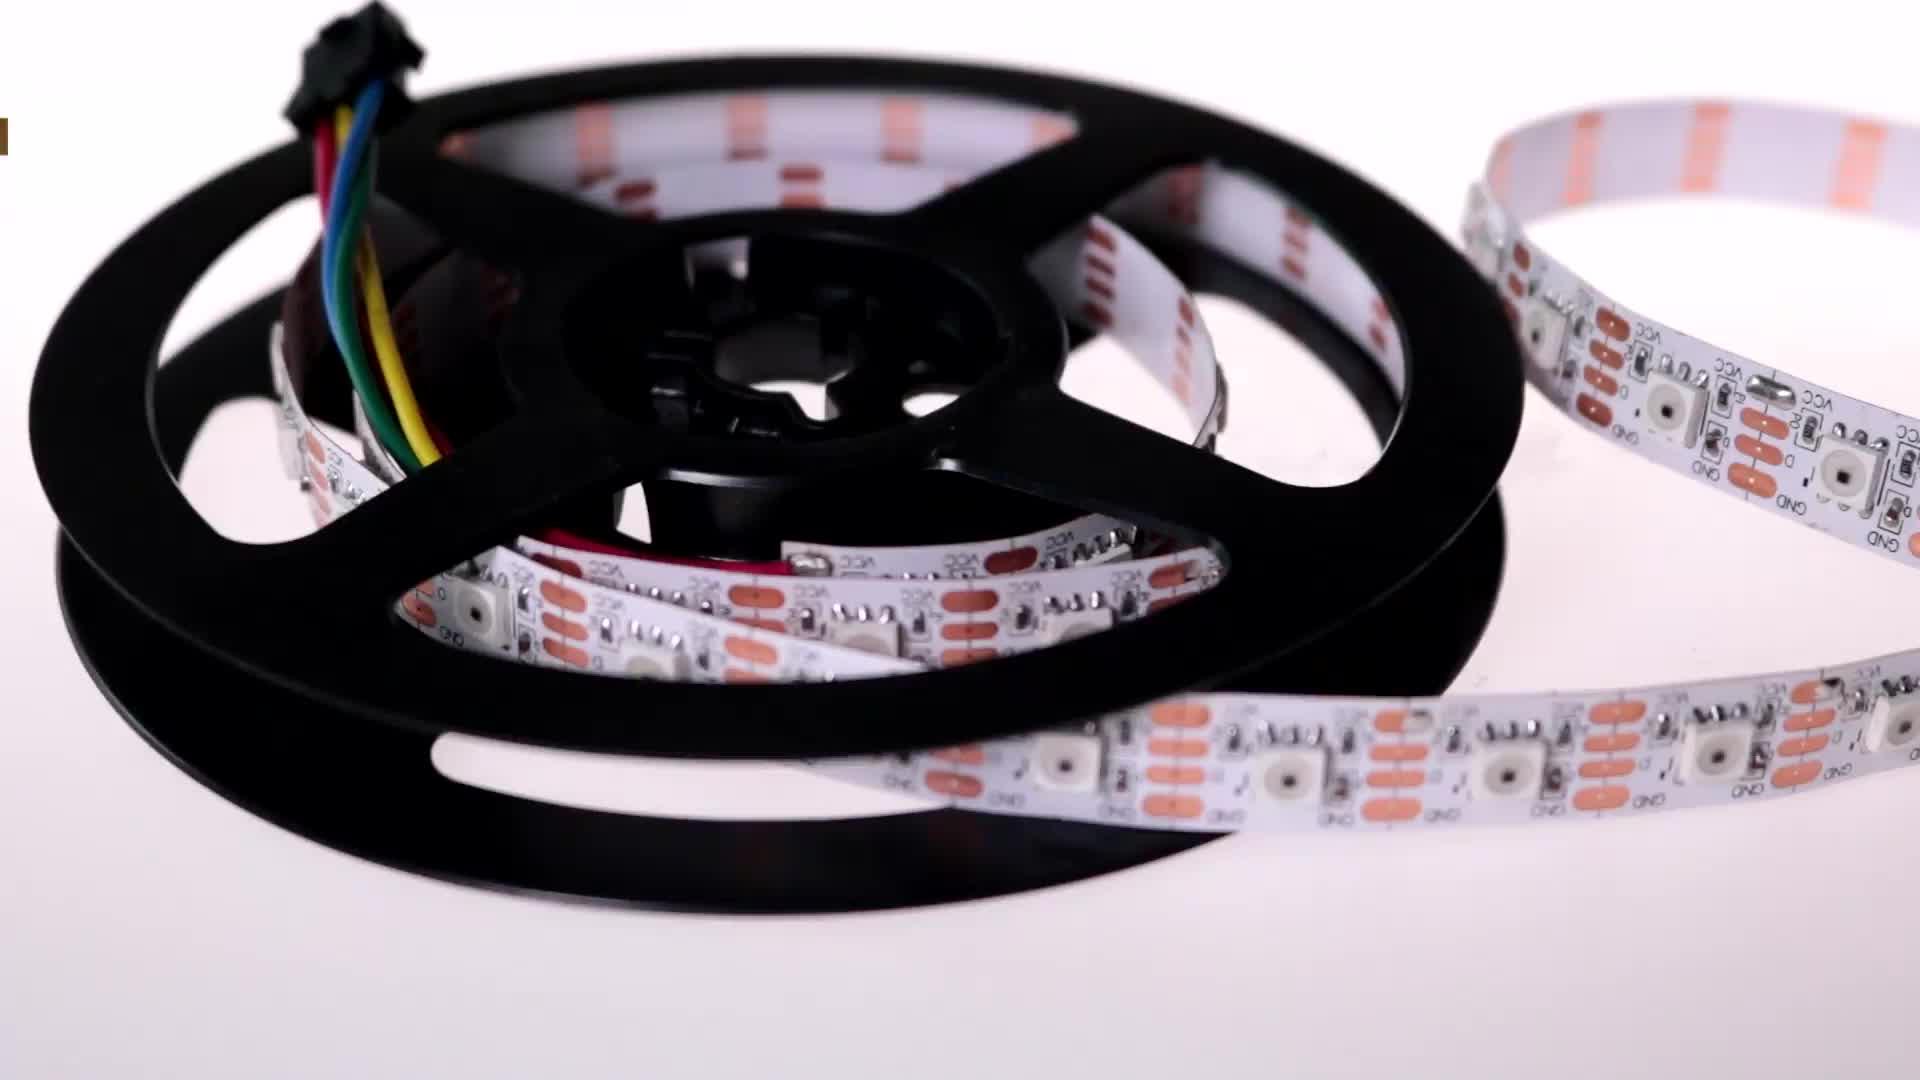 Светодио дный полосы dmx512 arduino 12 Вольт rgb 5050 светодио дный полосы света печатной платы Черный светодио дный гибкая